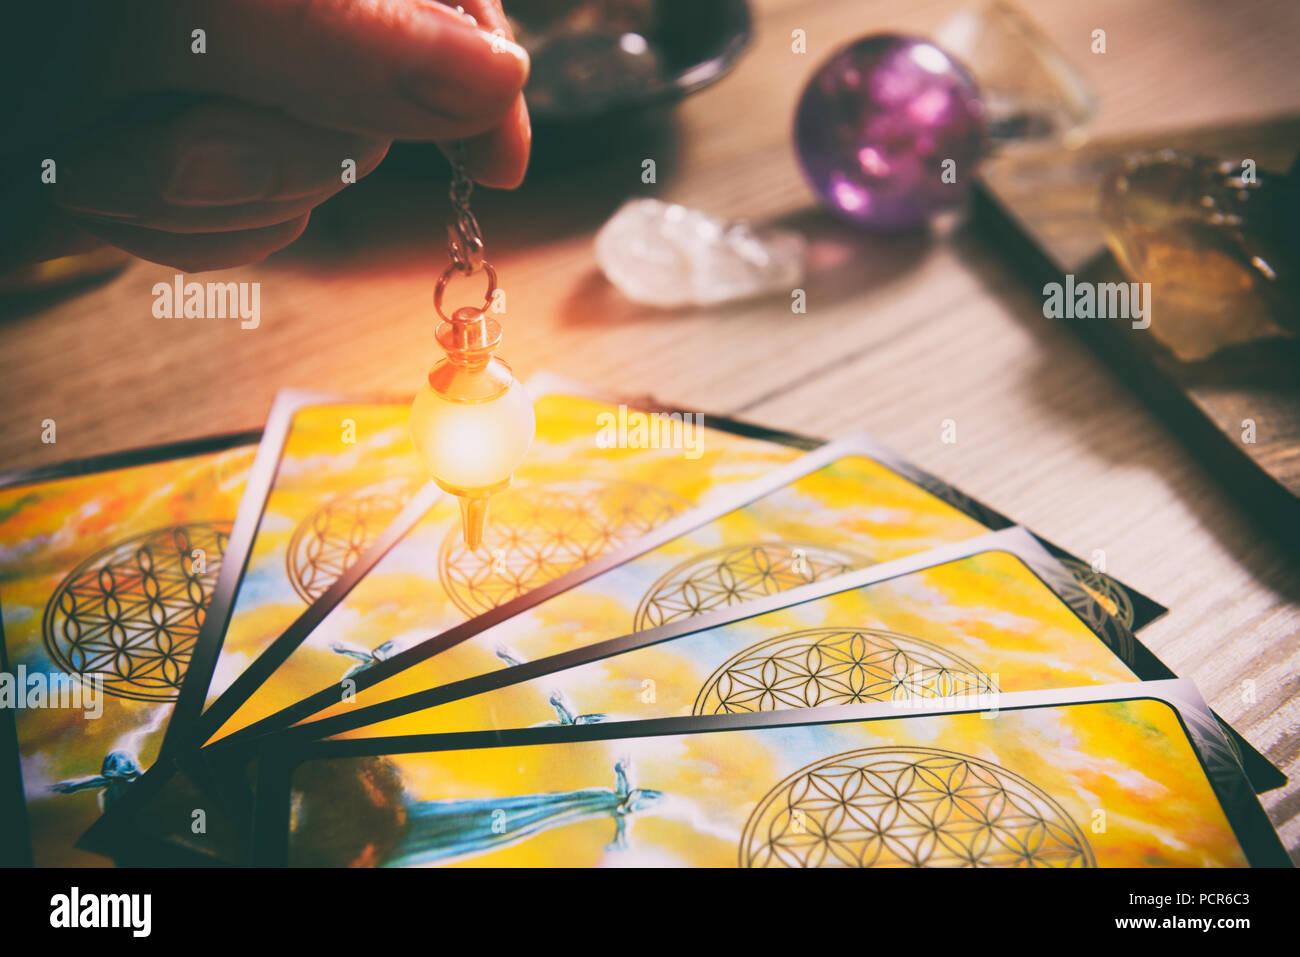 Tarocchi radioestesia strumento in mano e cristalli come un concetto di consigliere psichico o modi di divinazione Immagini Stock